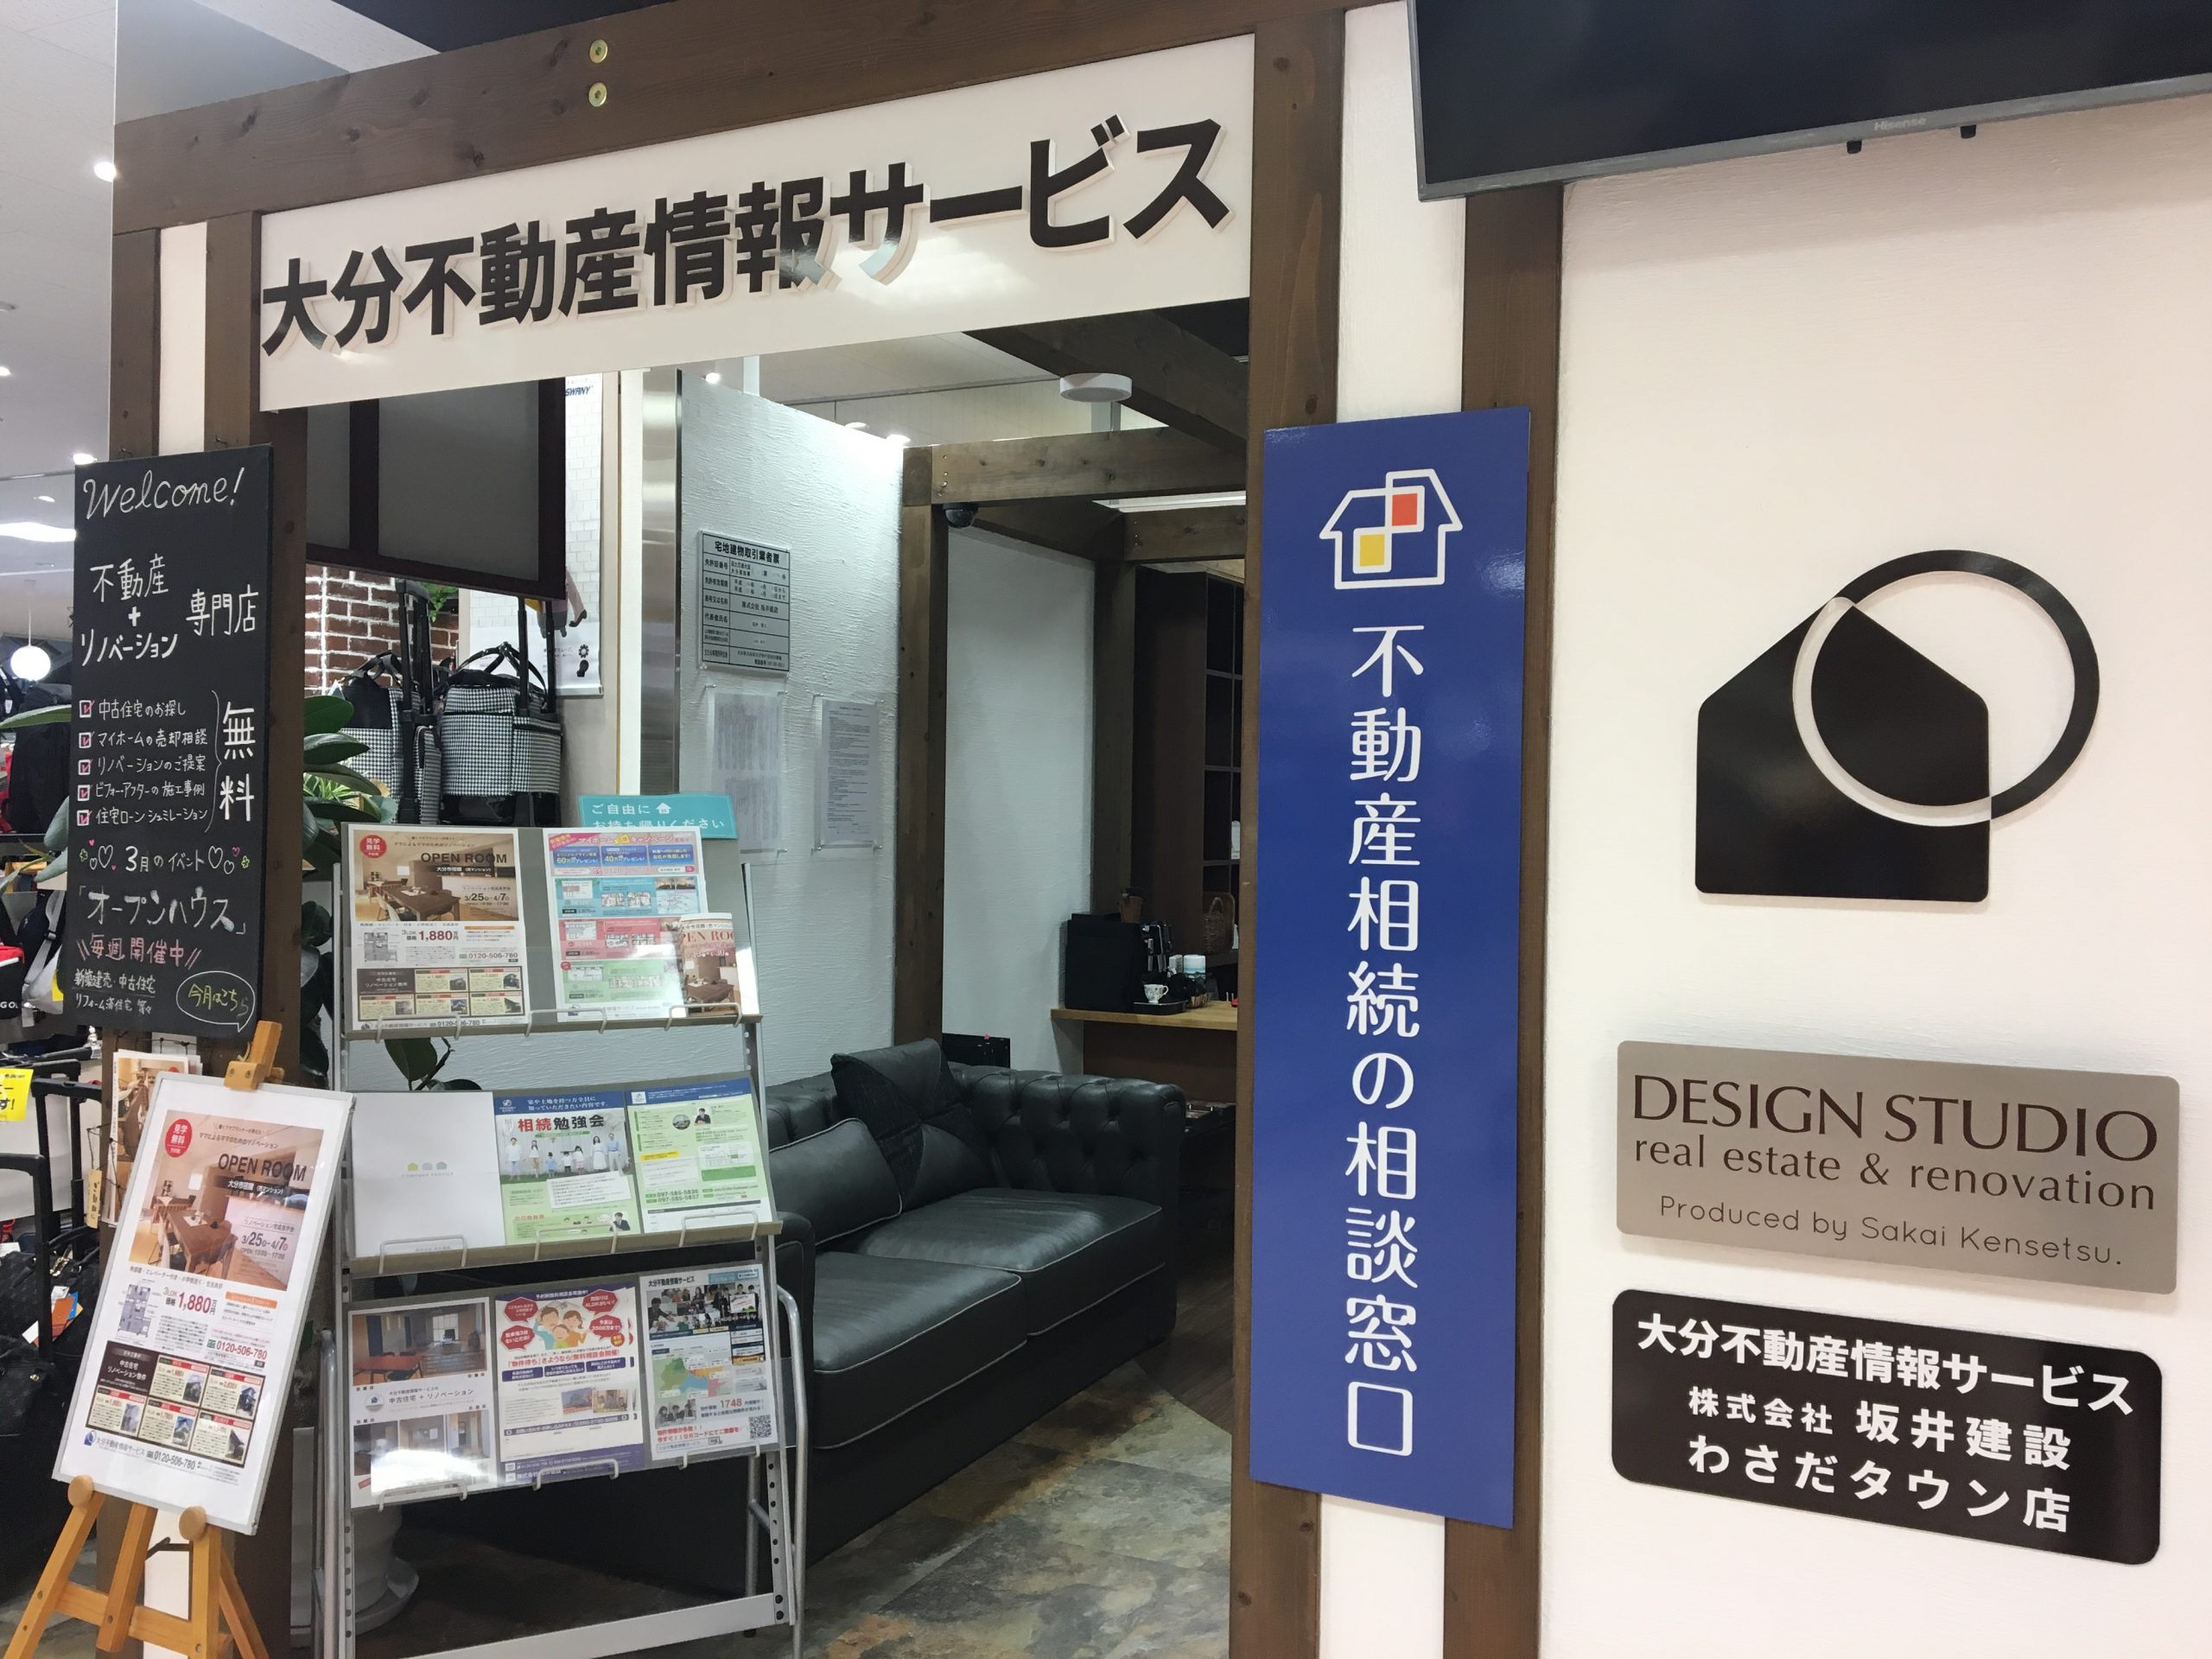 大分不動産情報サービスわさだタウン店入り口の写真